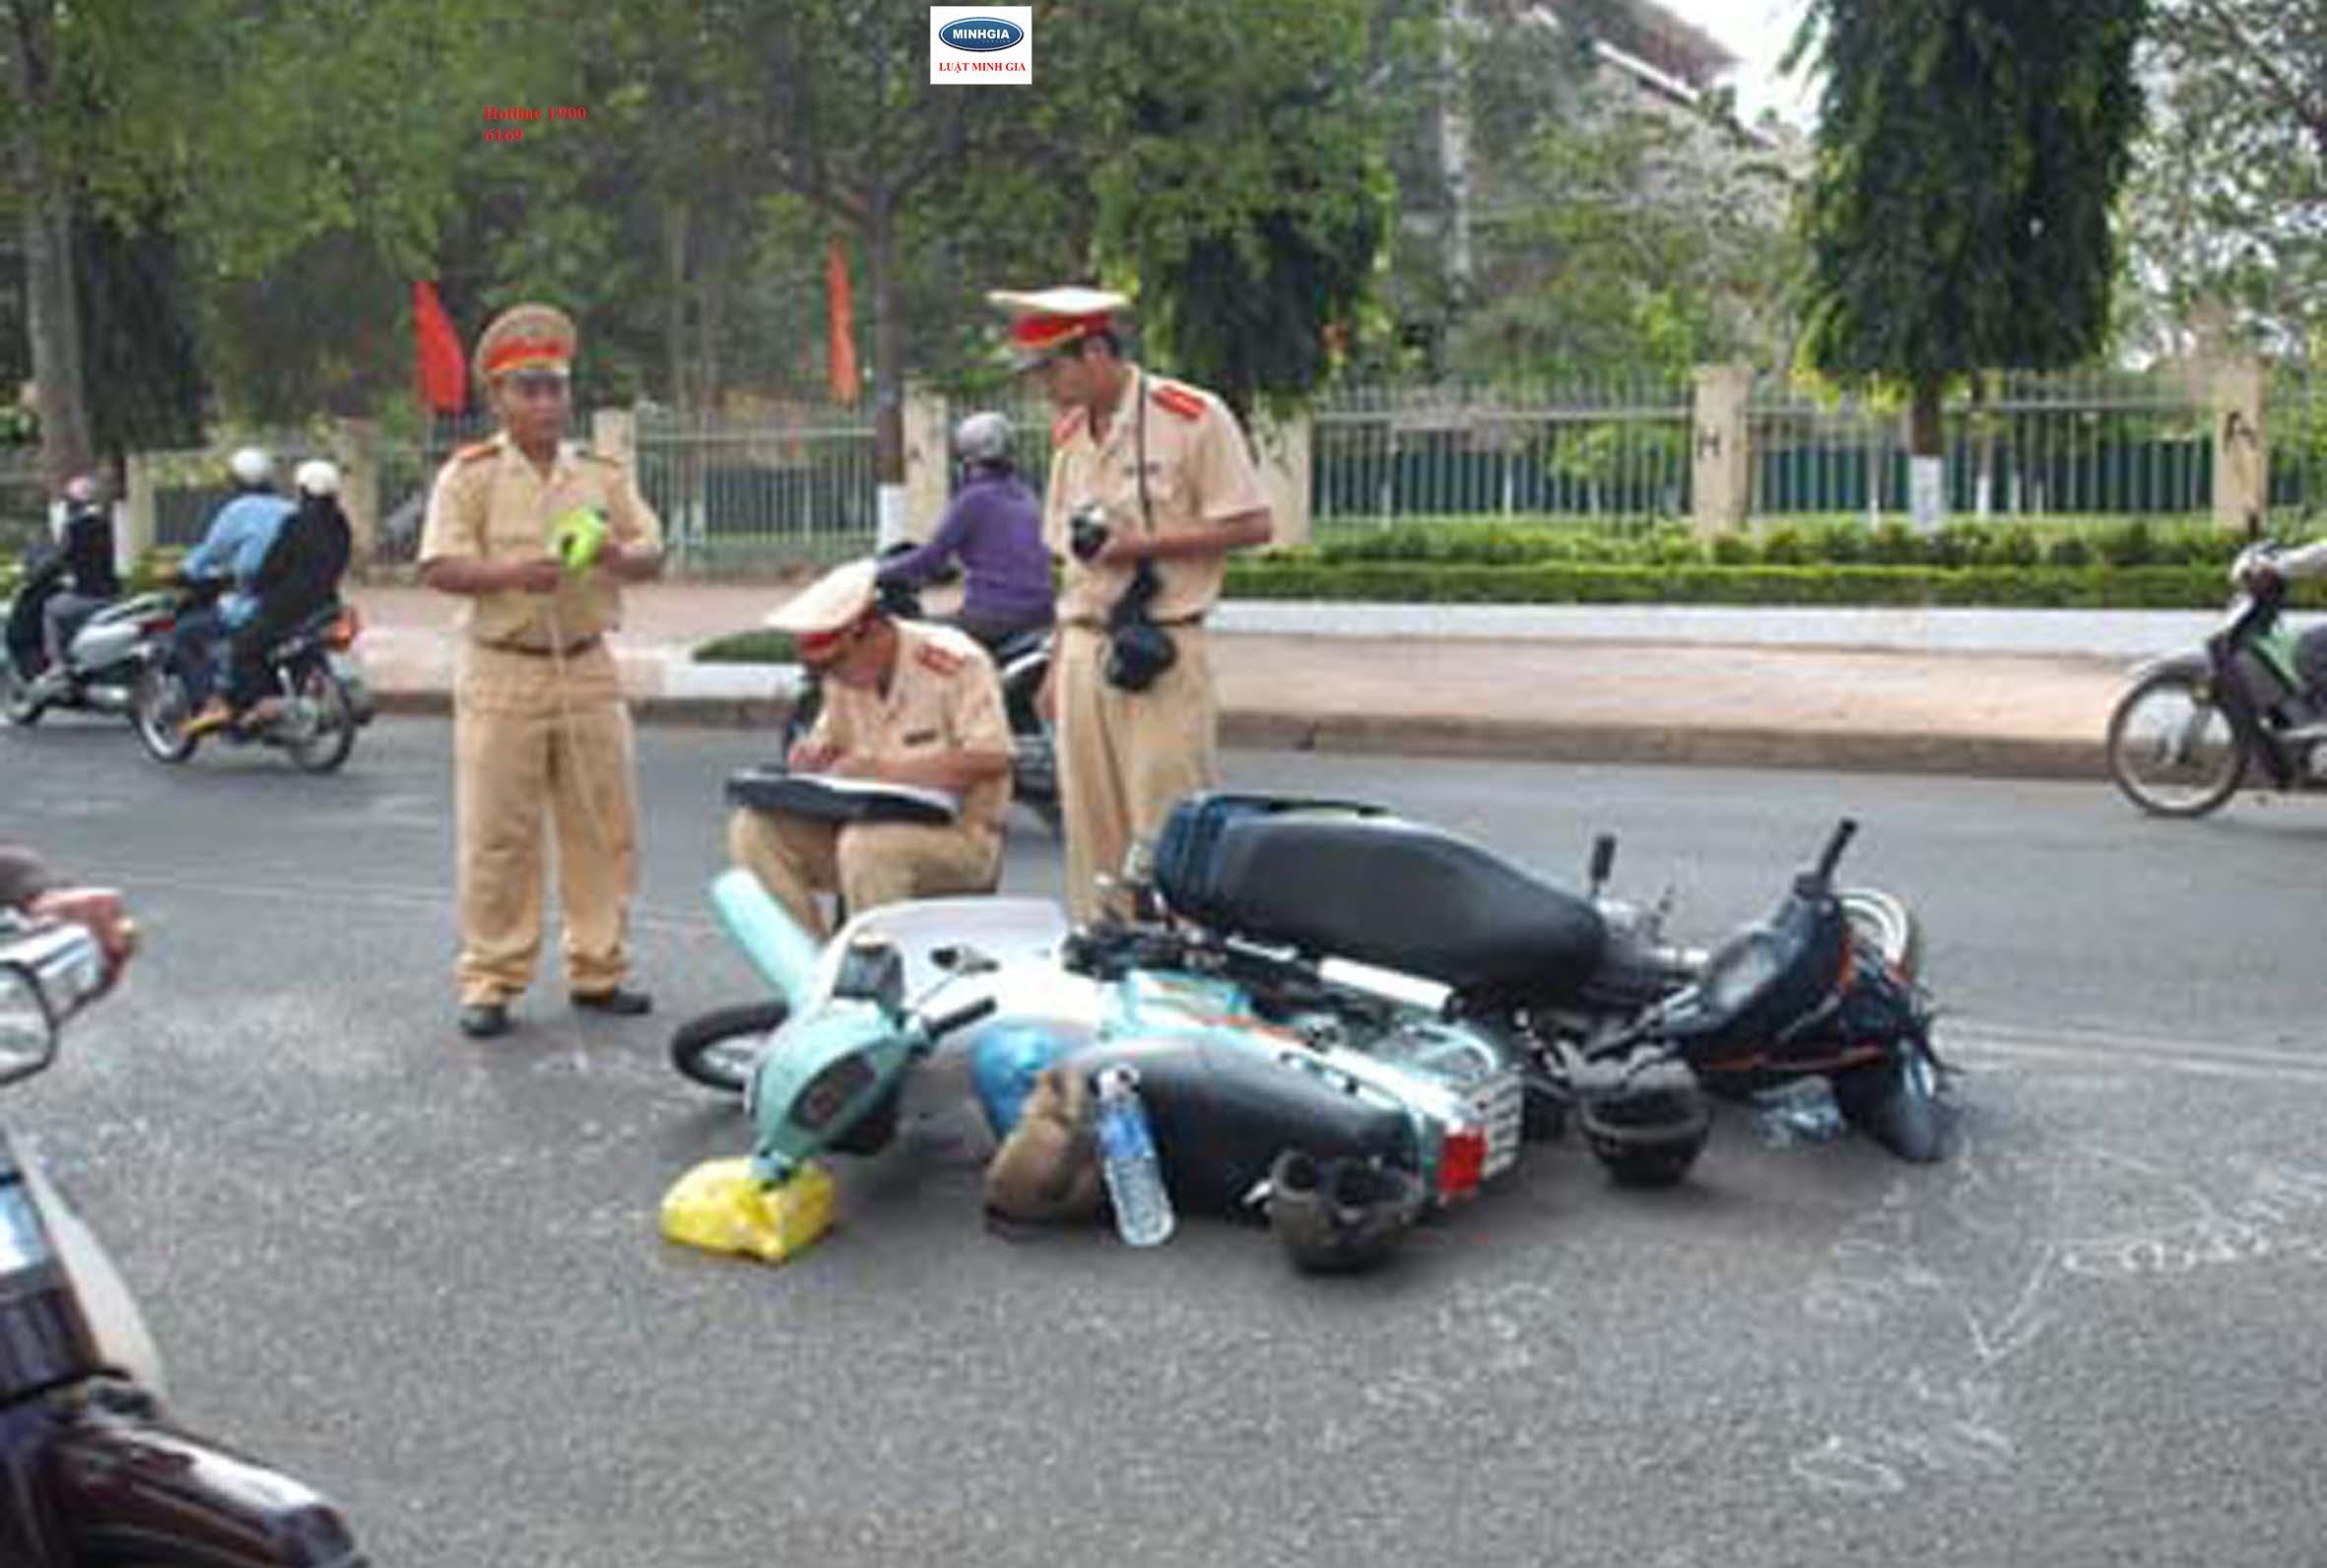 Gây tai nạn giao thông do lỗi cả hai bên thì bồi thường thiệt hại như thế nào?